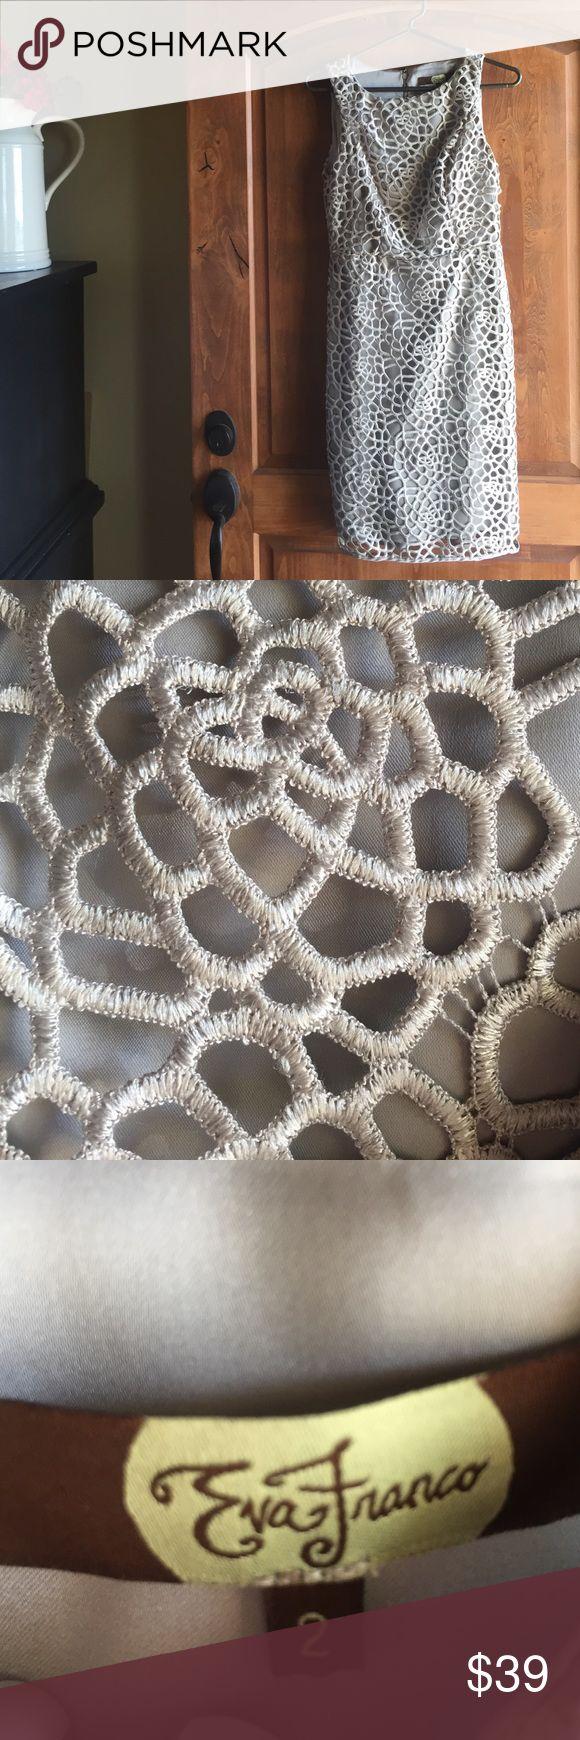 Eva Franco (Anthropologie) silver dress. Size 2 Eva Franco (Anthropologie) silver dress. Size 2 Anthropologie Dresses